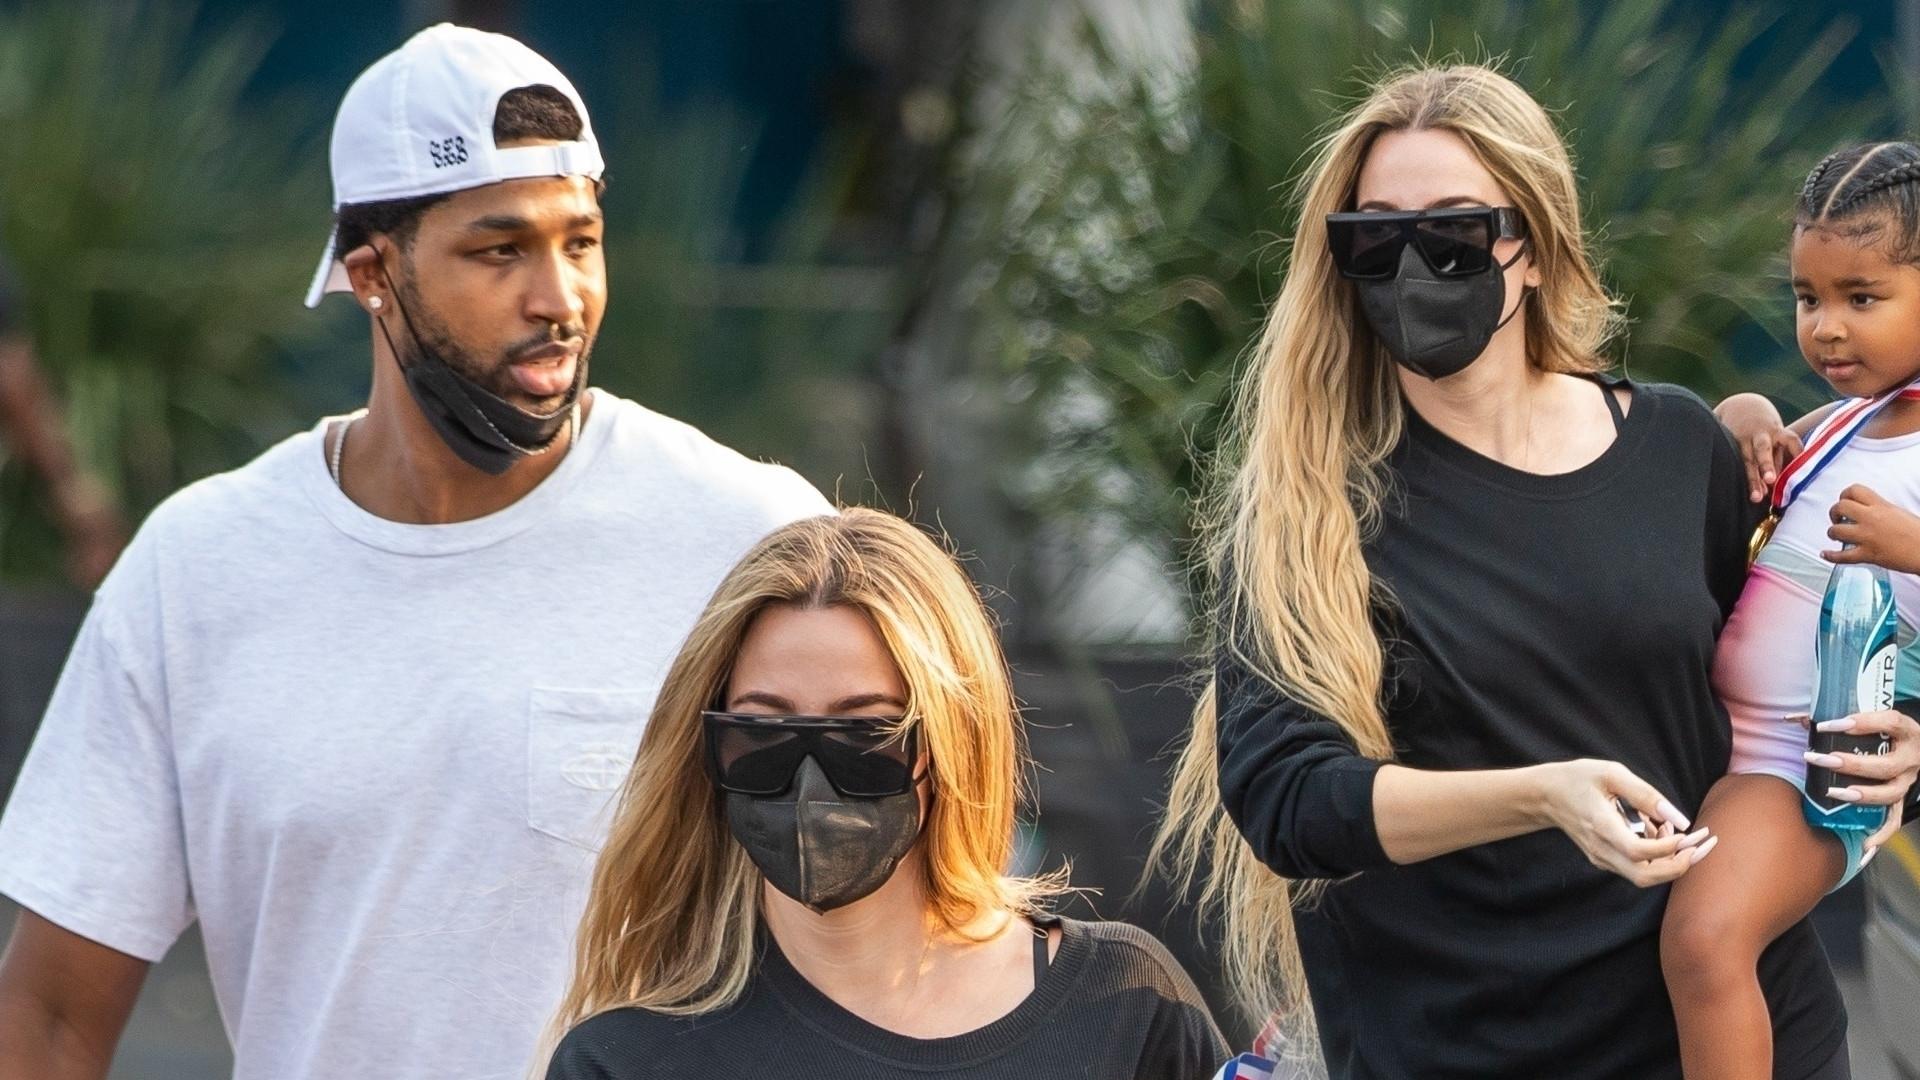 Khloe Kardashian znów z Tristanem. Została skrytykowana za fryzurę córki (ZDJĘCIA)